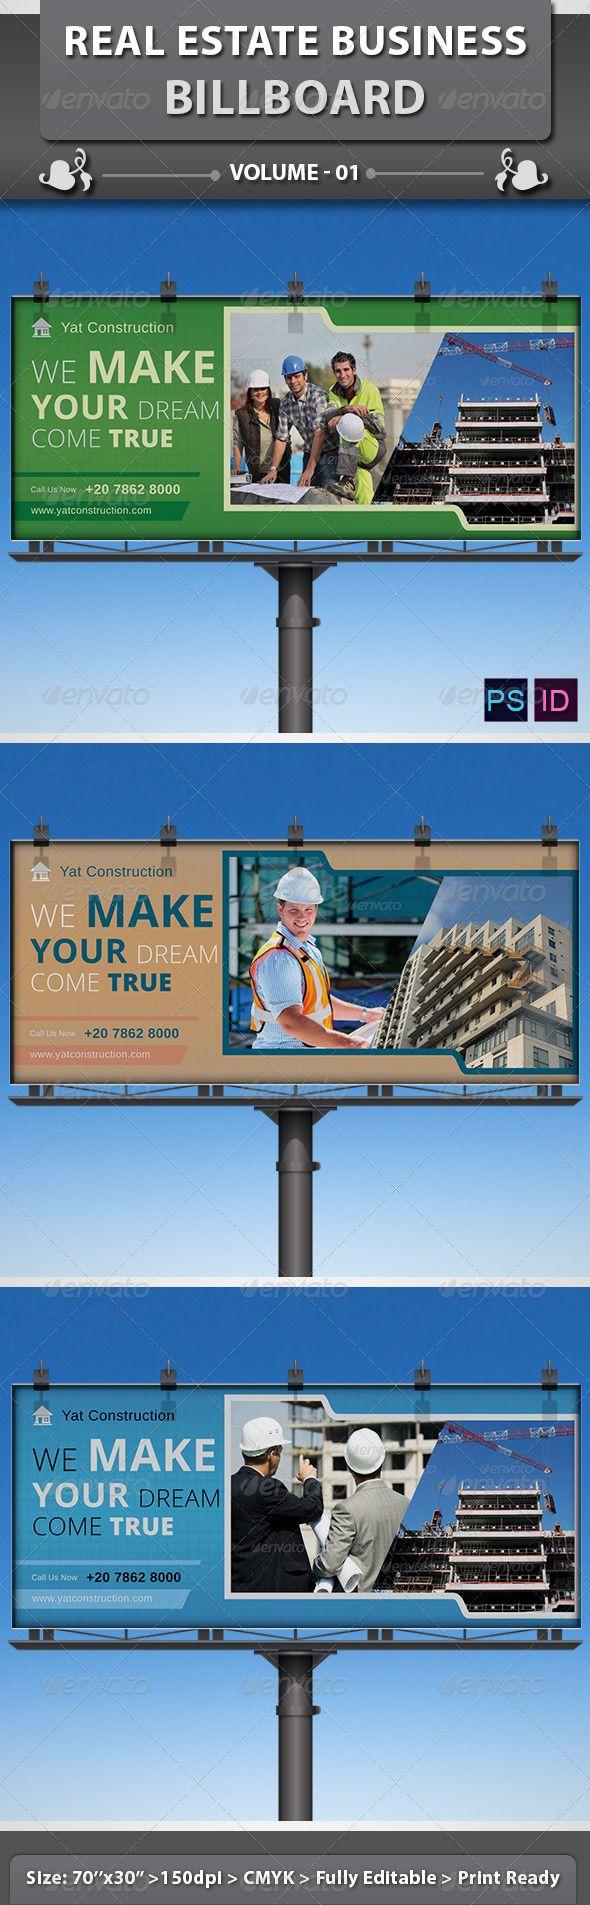 Real estate billboard design samples - Real Estate Business Billboard Volume 1